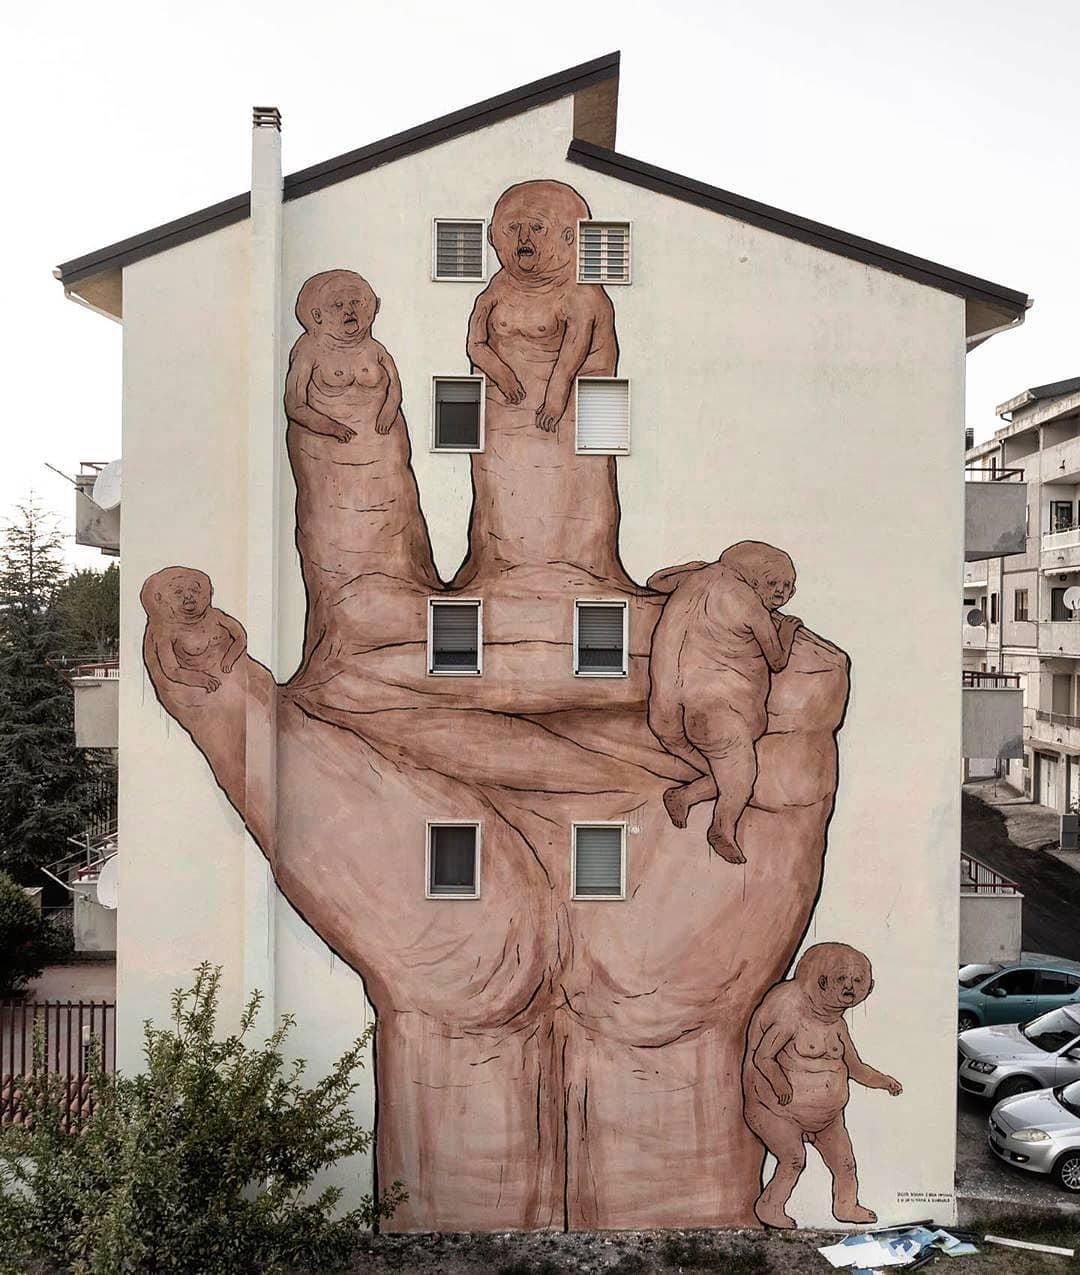 NemO's @ Stigliano, Italy